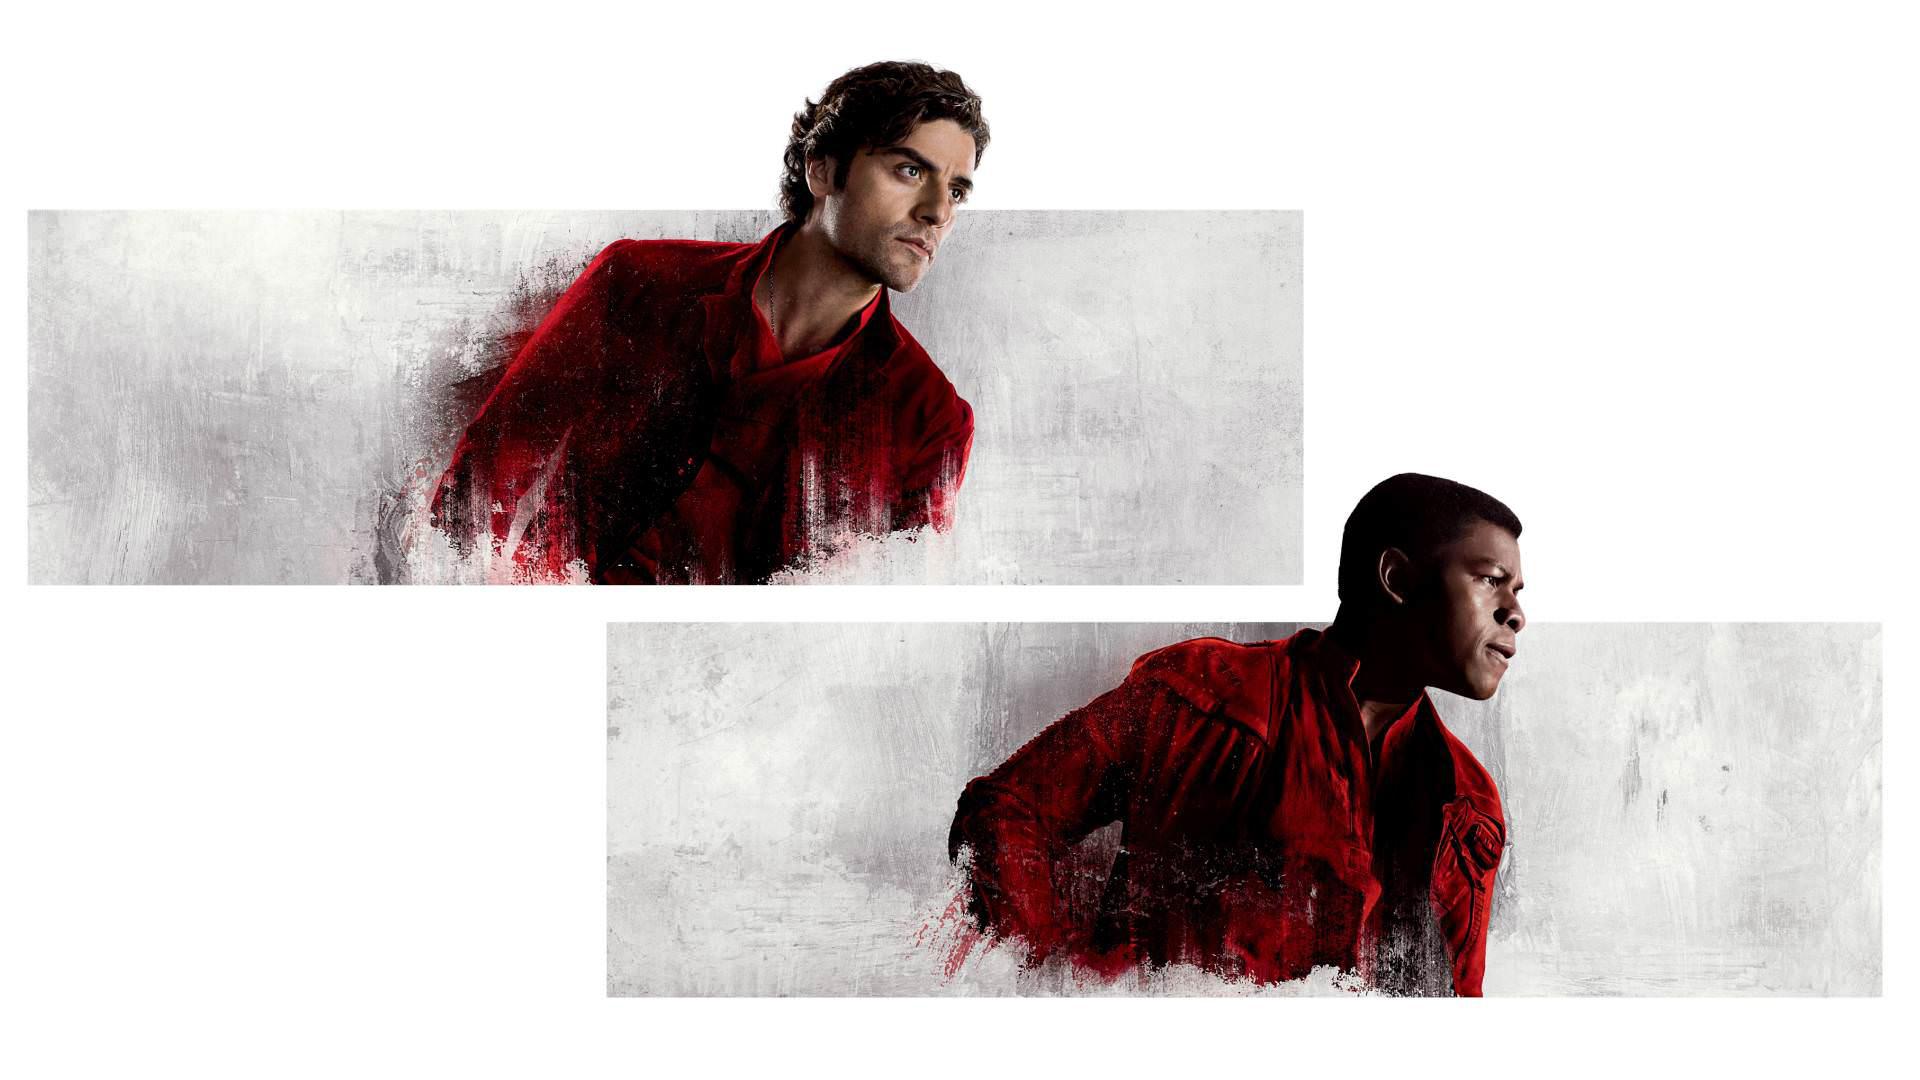 Finn Star Wars John Boyega Oscar Isaac Poe Dameron Star Wars Star Wars The Last Jedi 1920x1080